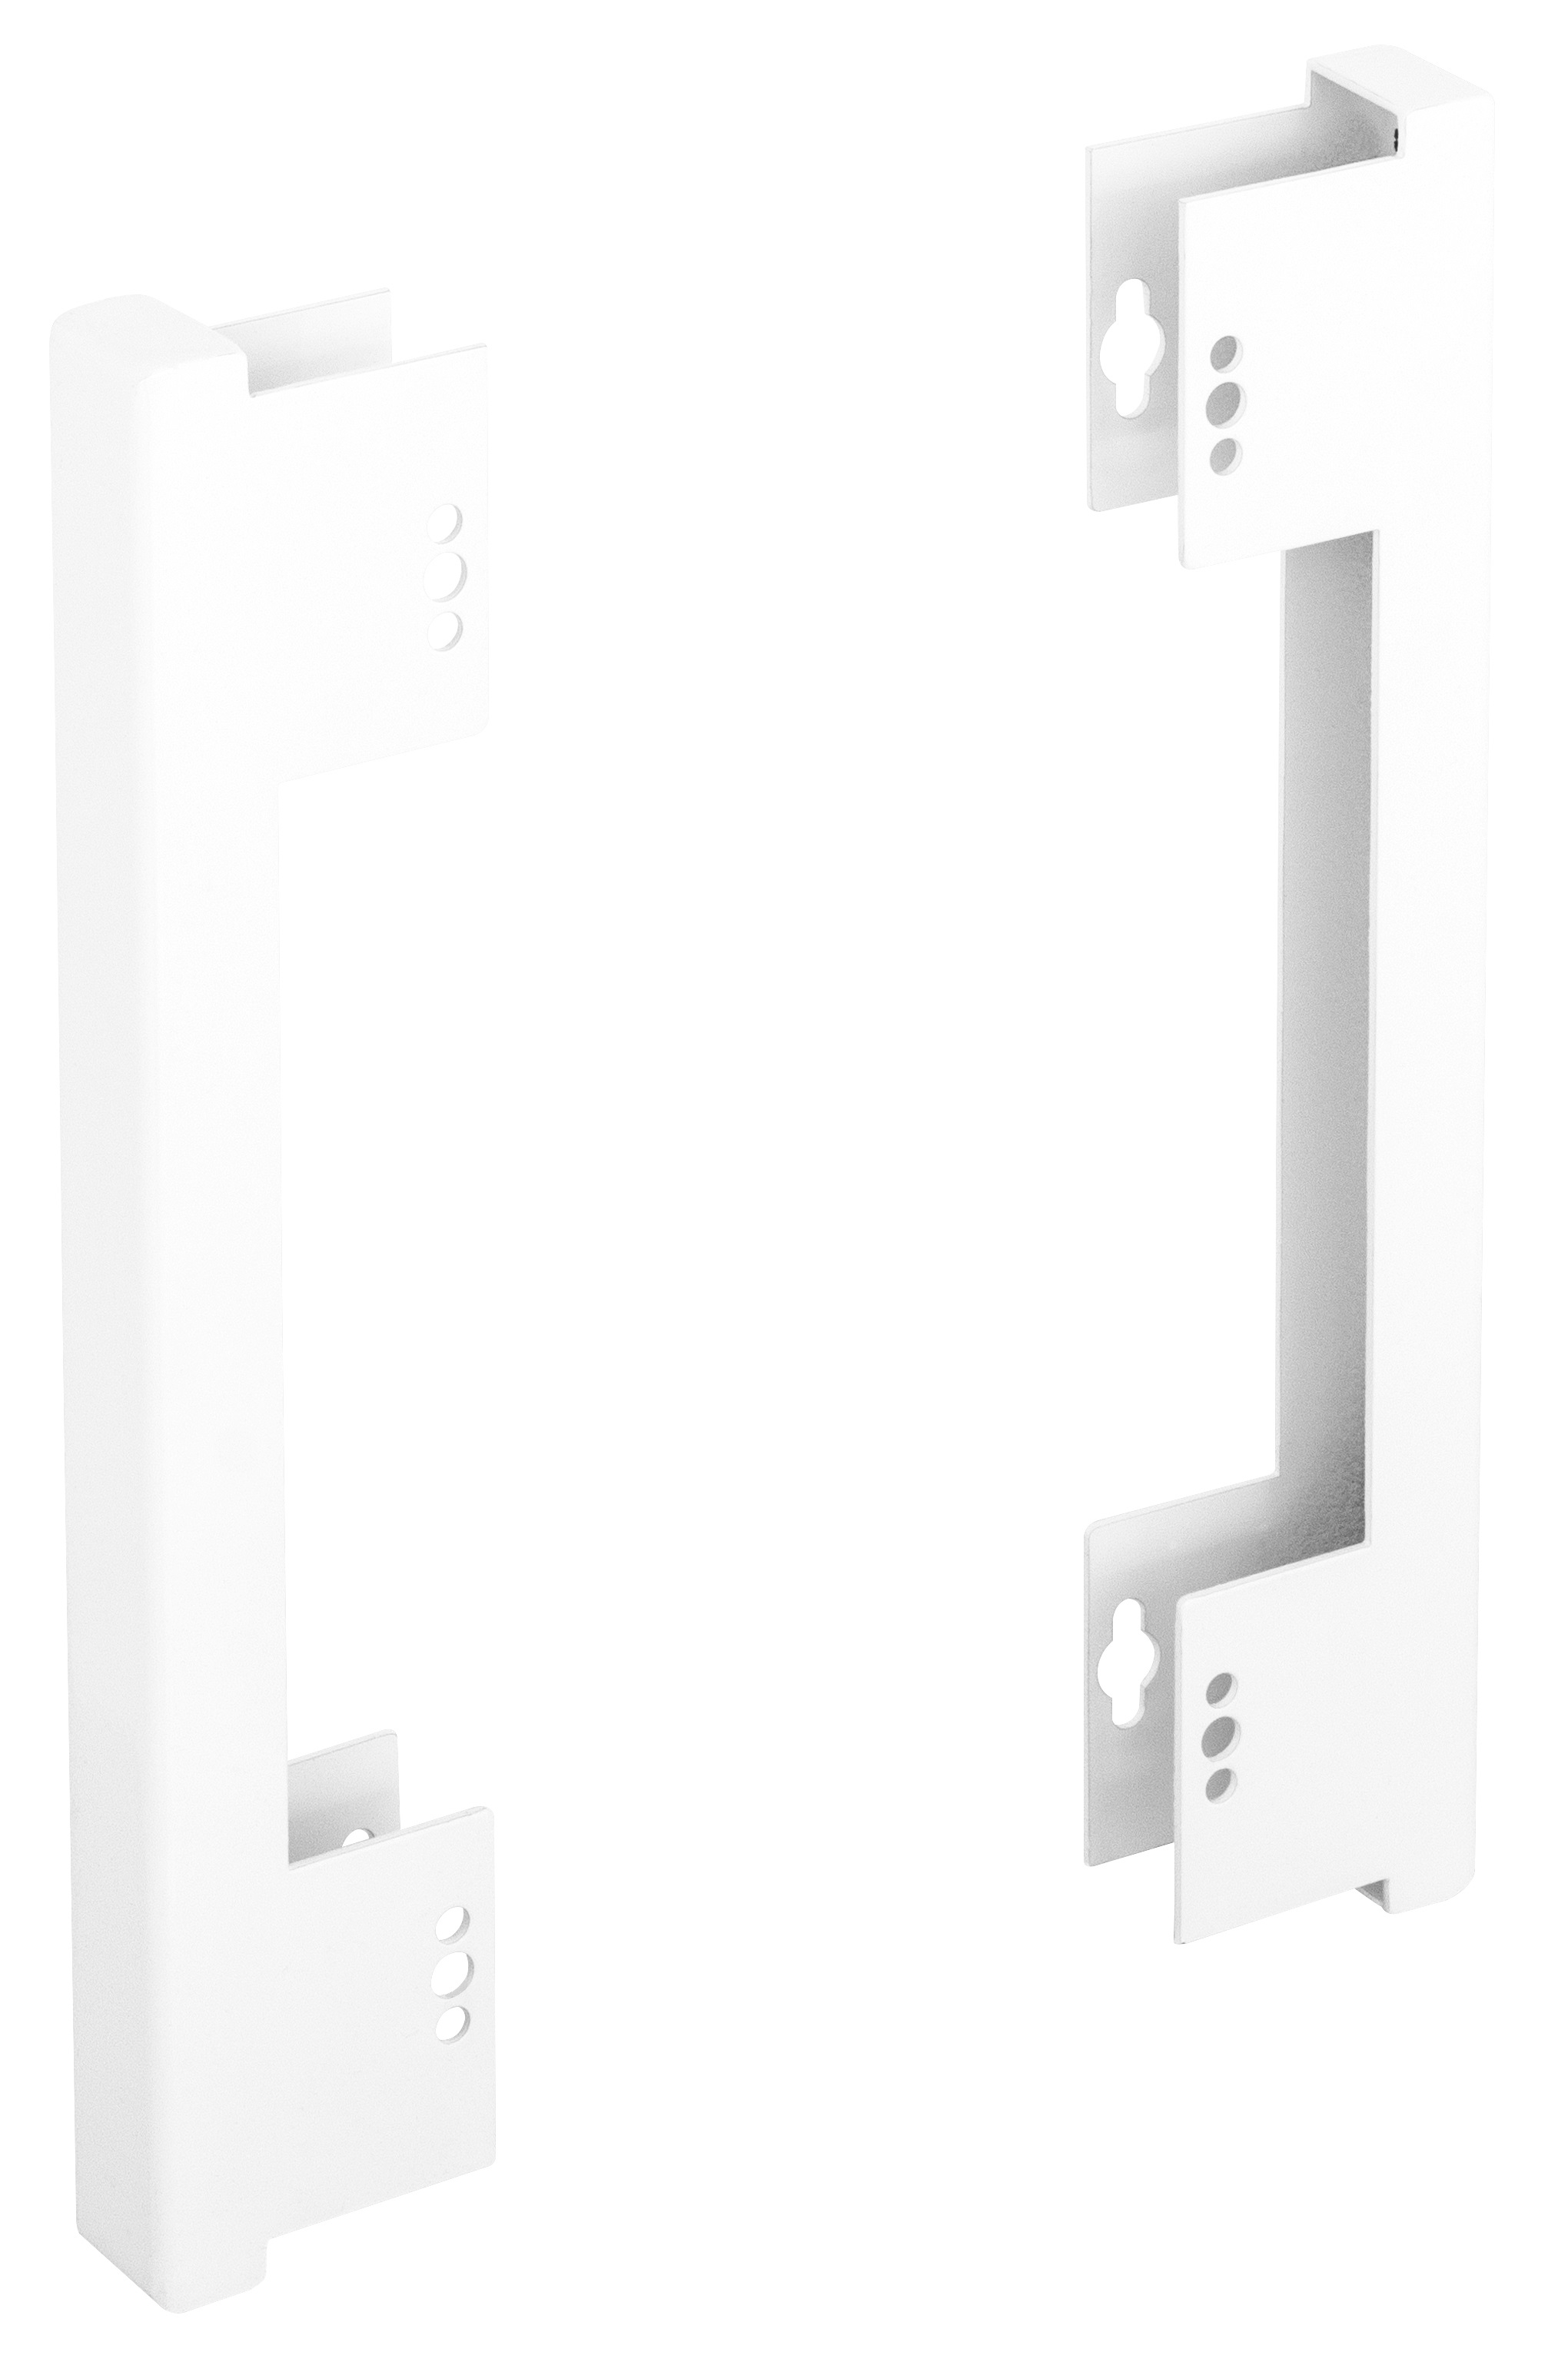 1 Stk Seiten- Montageset für DW4Hx3…, T=30mm, H=500mm, RAL7035 DW4HZMS3--